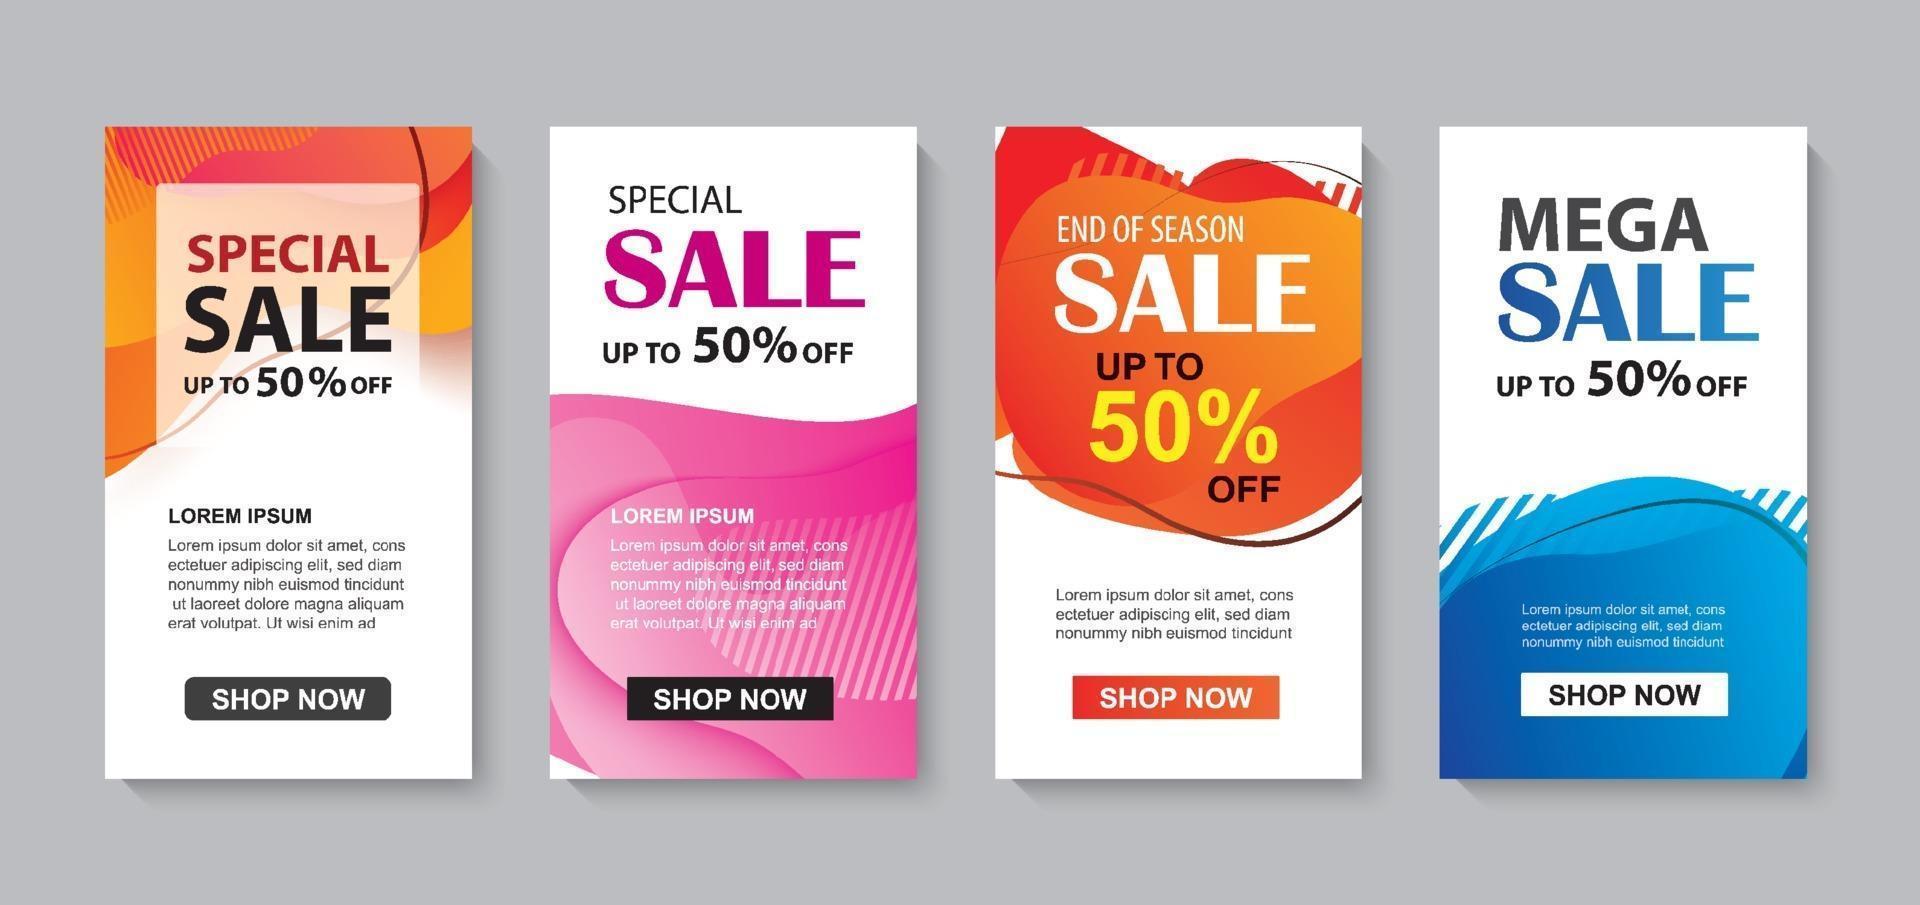 astratto liquido moderno impostato per il modello di banner di vendita. utilizzare per flyer, sconto offerta speciale design, sfondo promozione. vettore